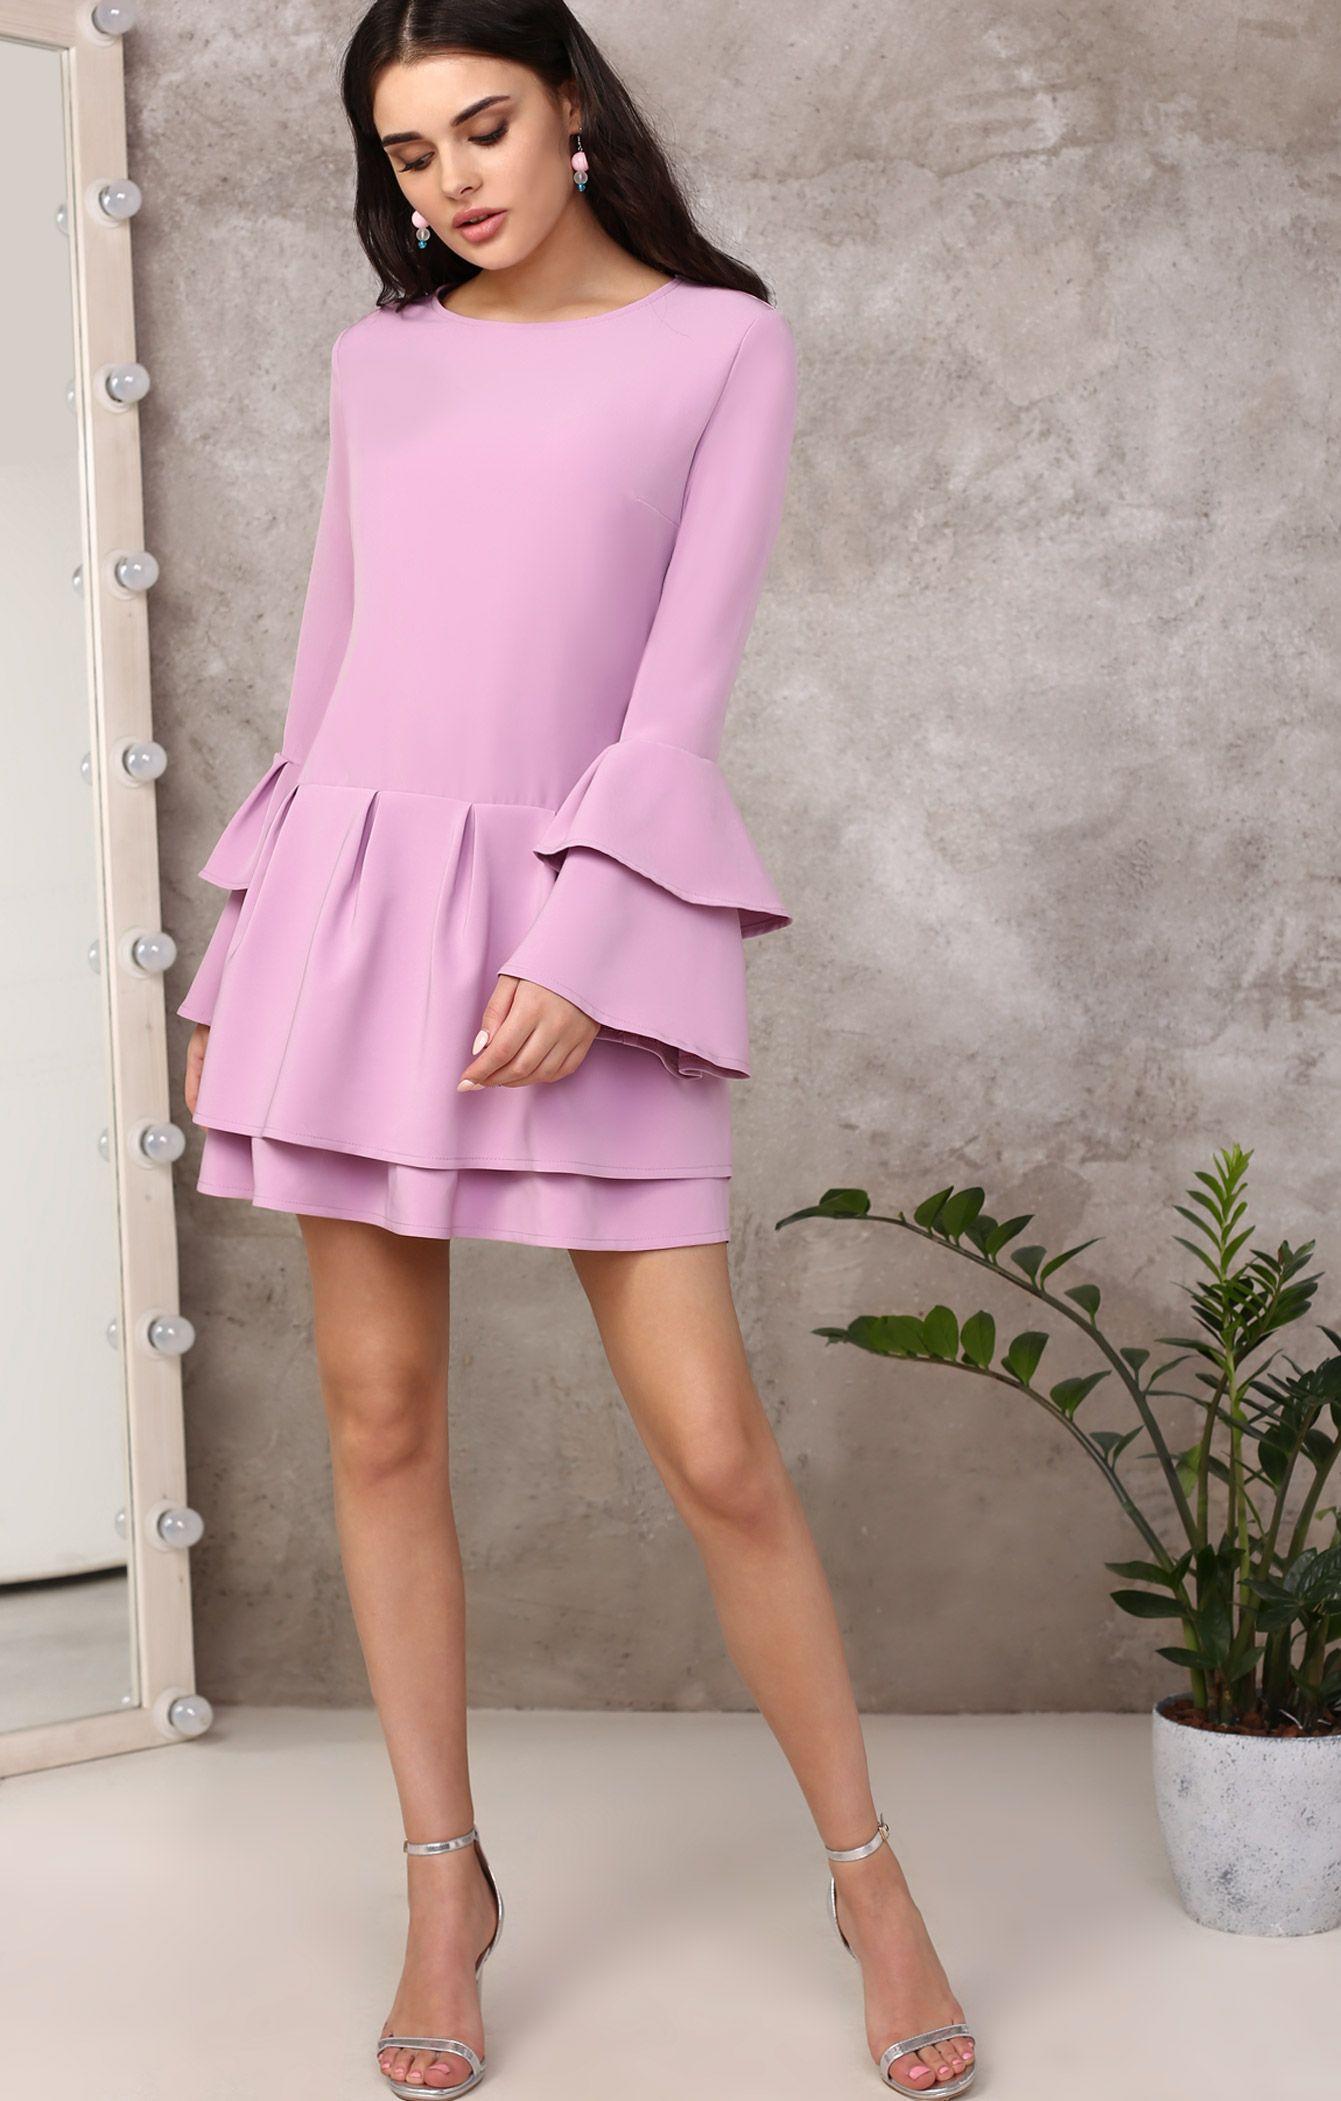 2de266bf3360 Лиловое платье из вискозы с рукавами-воланами и заниженной талией TOP20  Studio 250619, купить за 4865 руб в интернет-магазине TopTop.ru